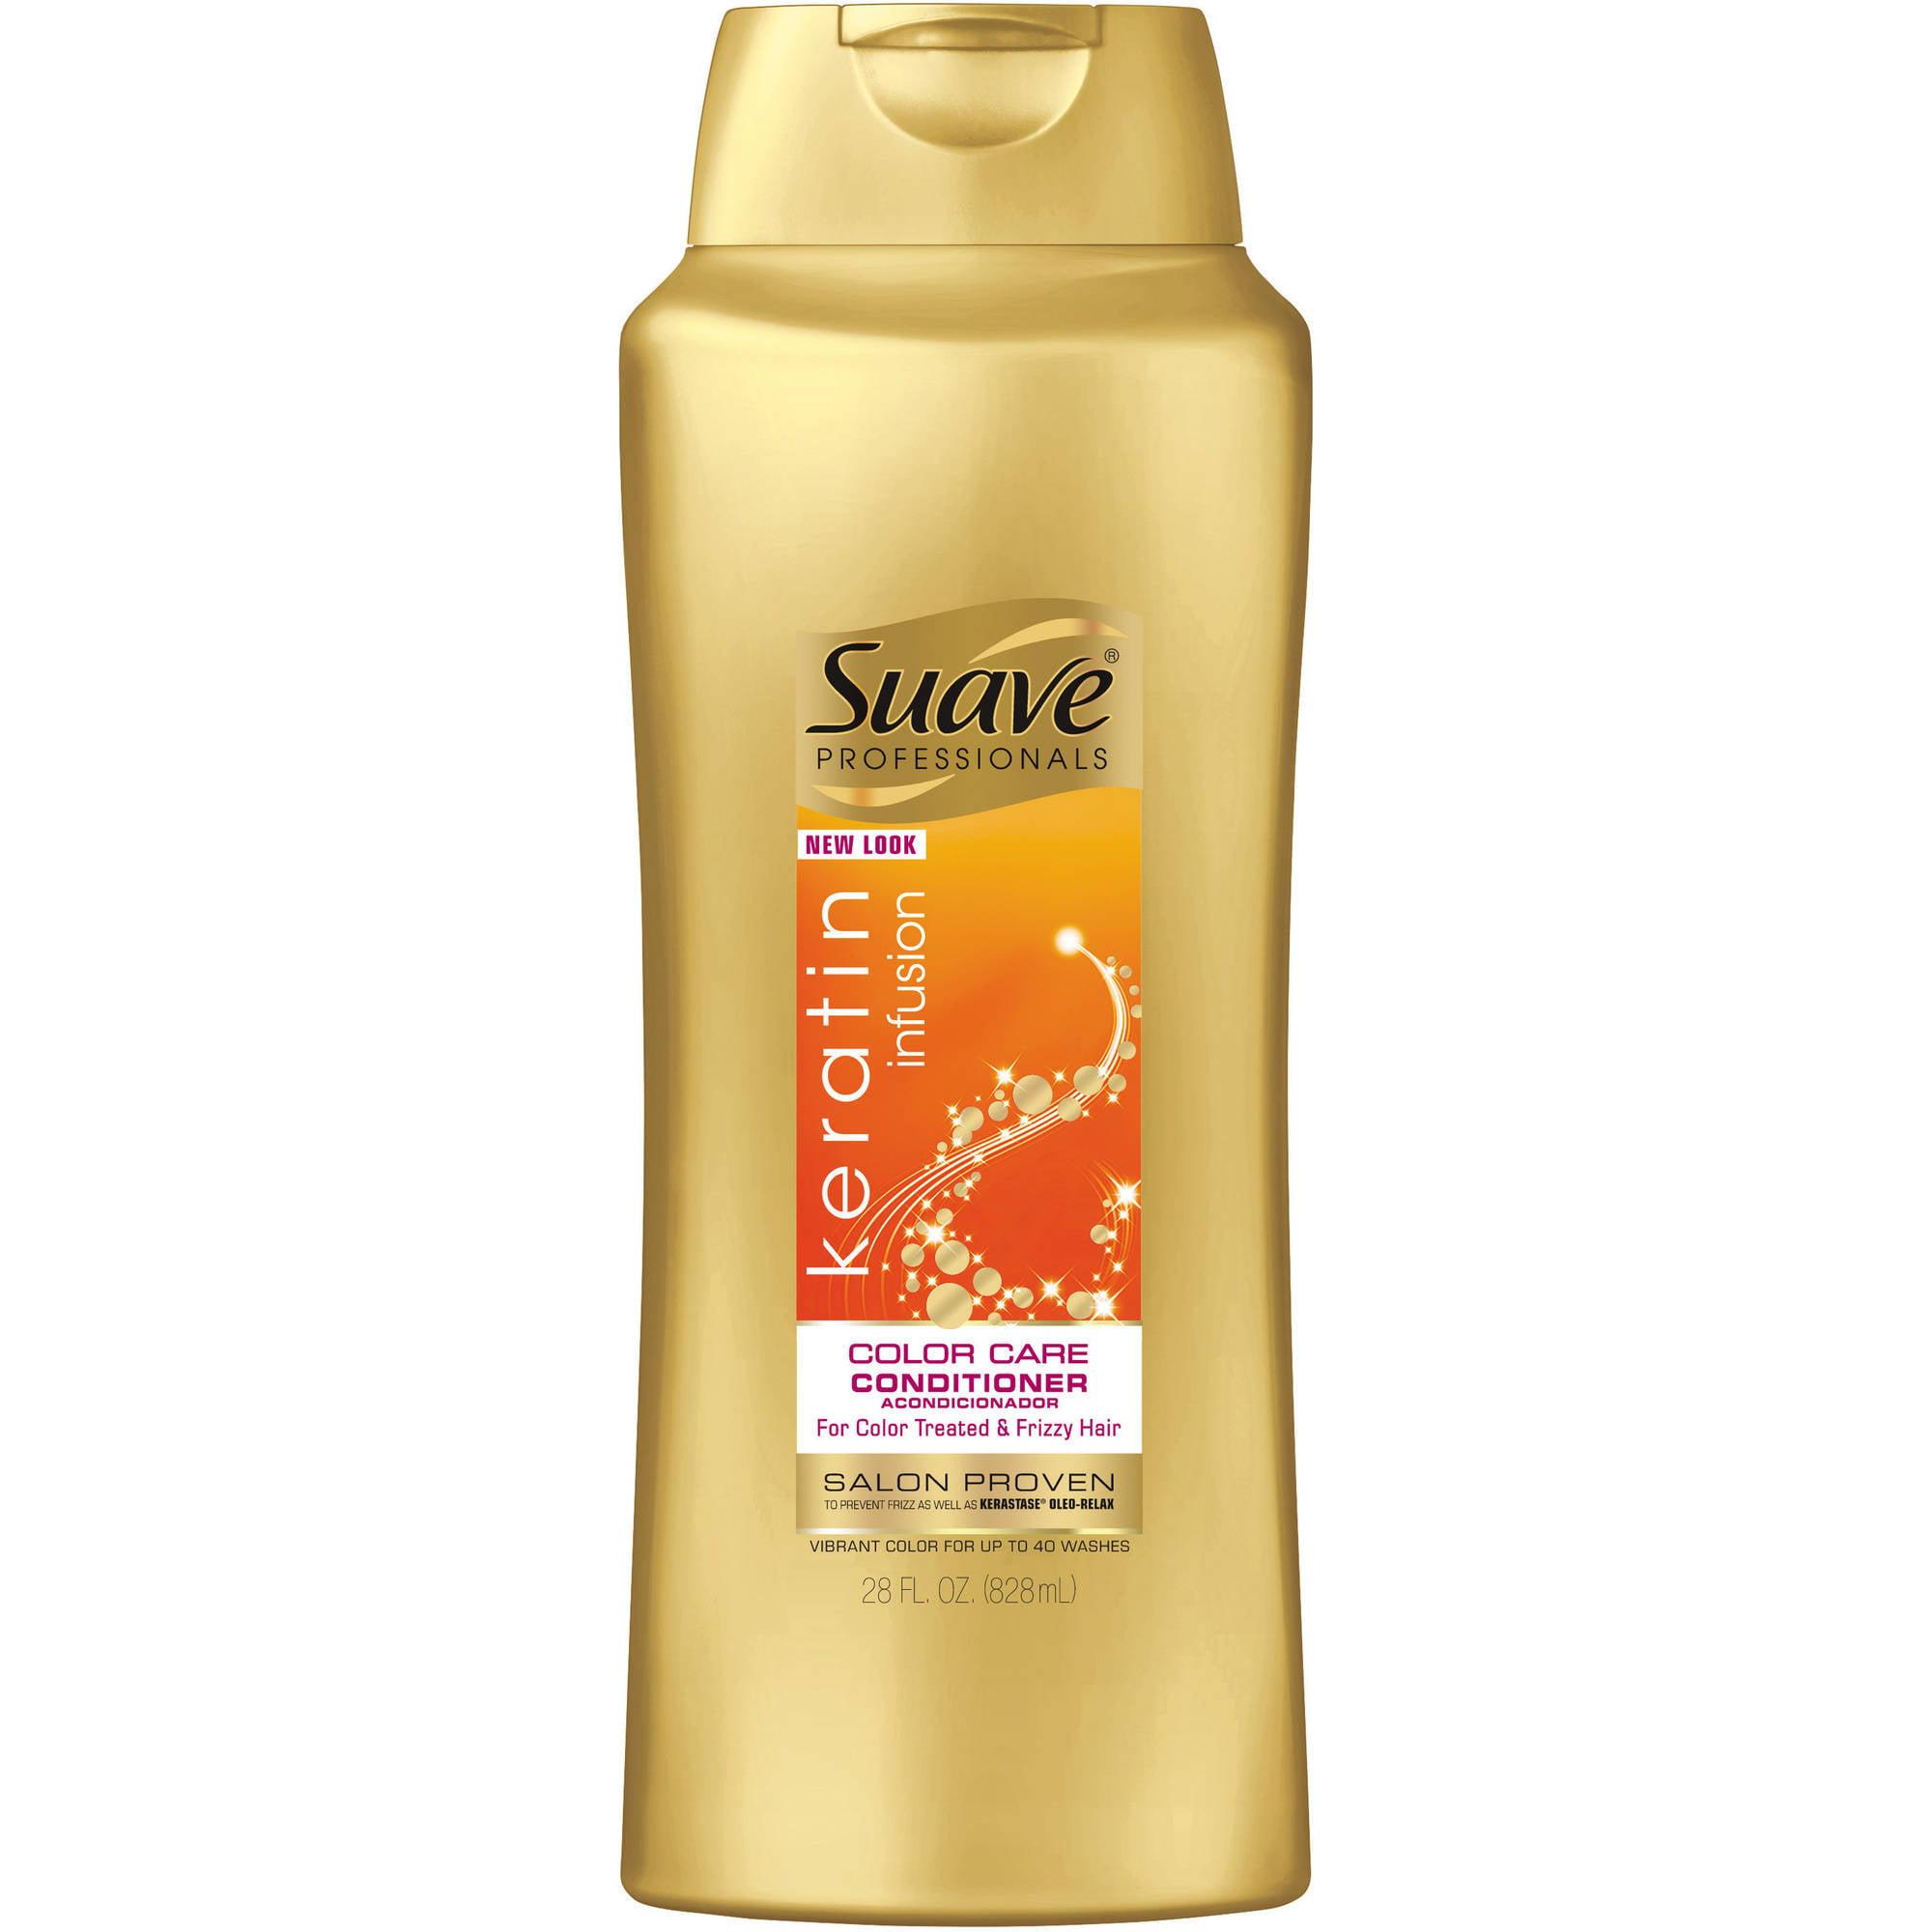 Suave Professionals Keratin Infusion Color Care Conditioner, 28 fl oz